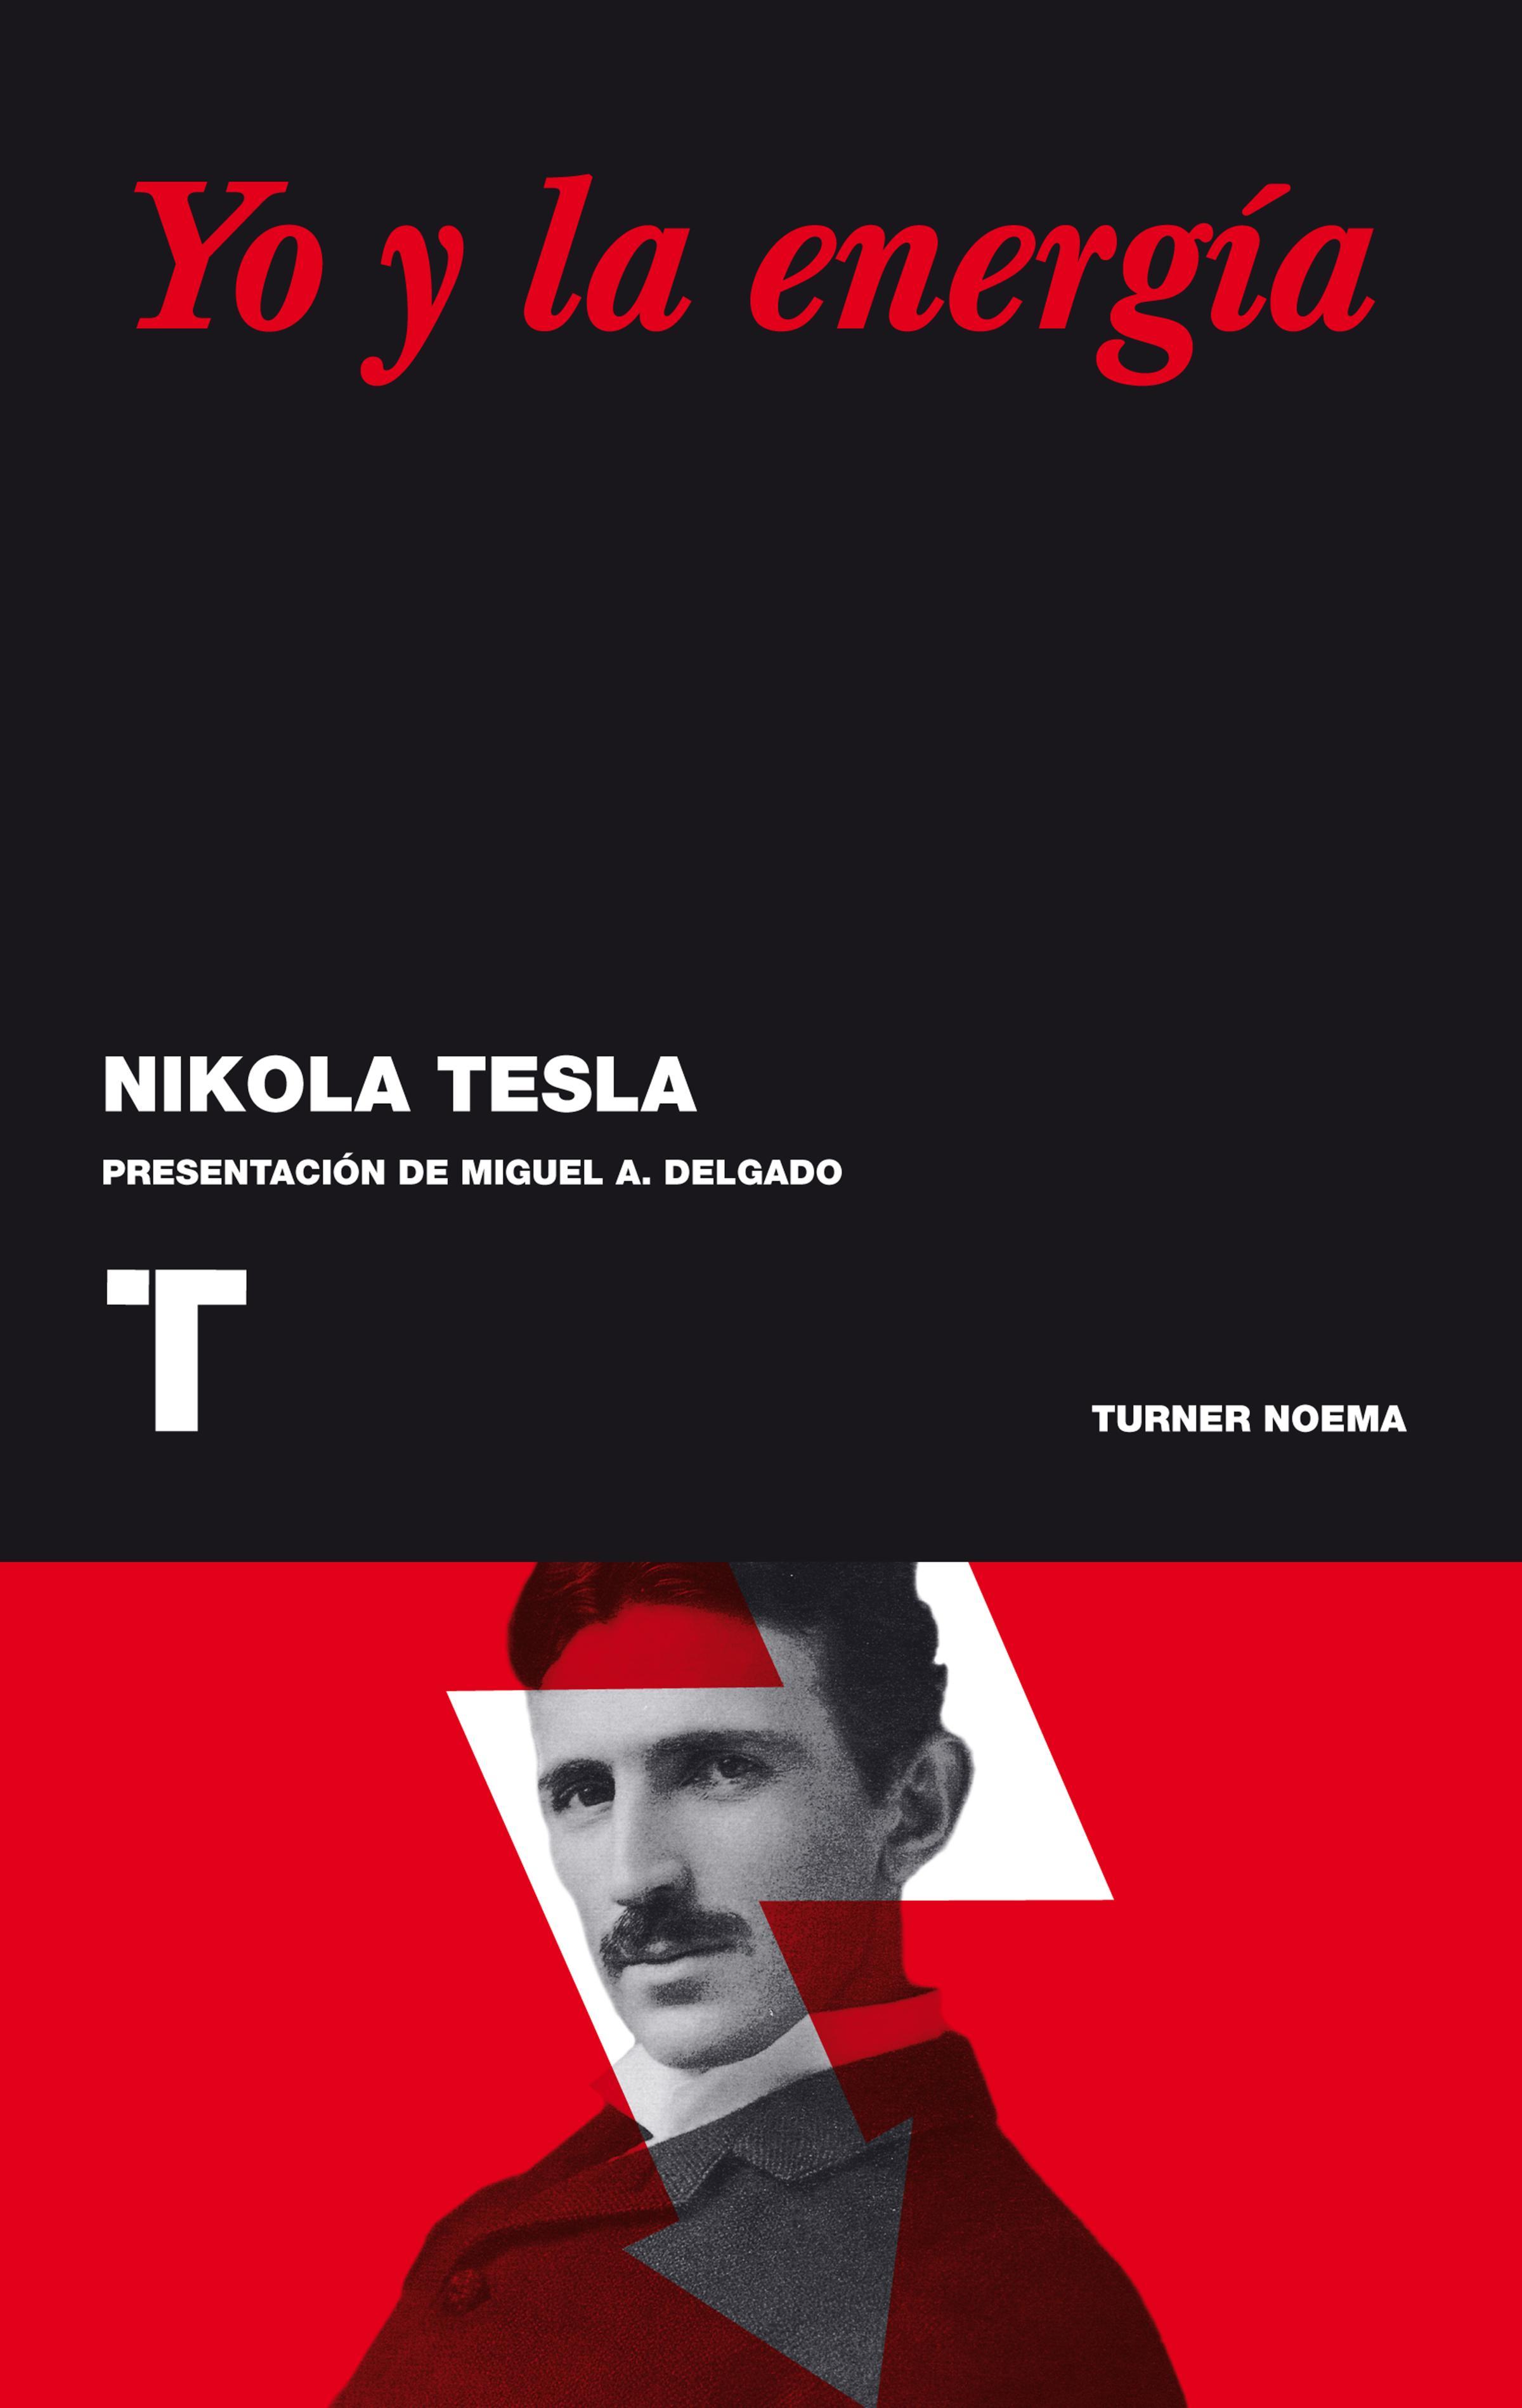 Nikola Tesla Yo y la energía gildan nikola tesla poster tshirt invention wireless electricity